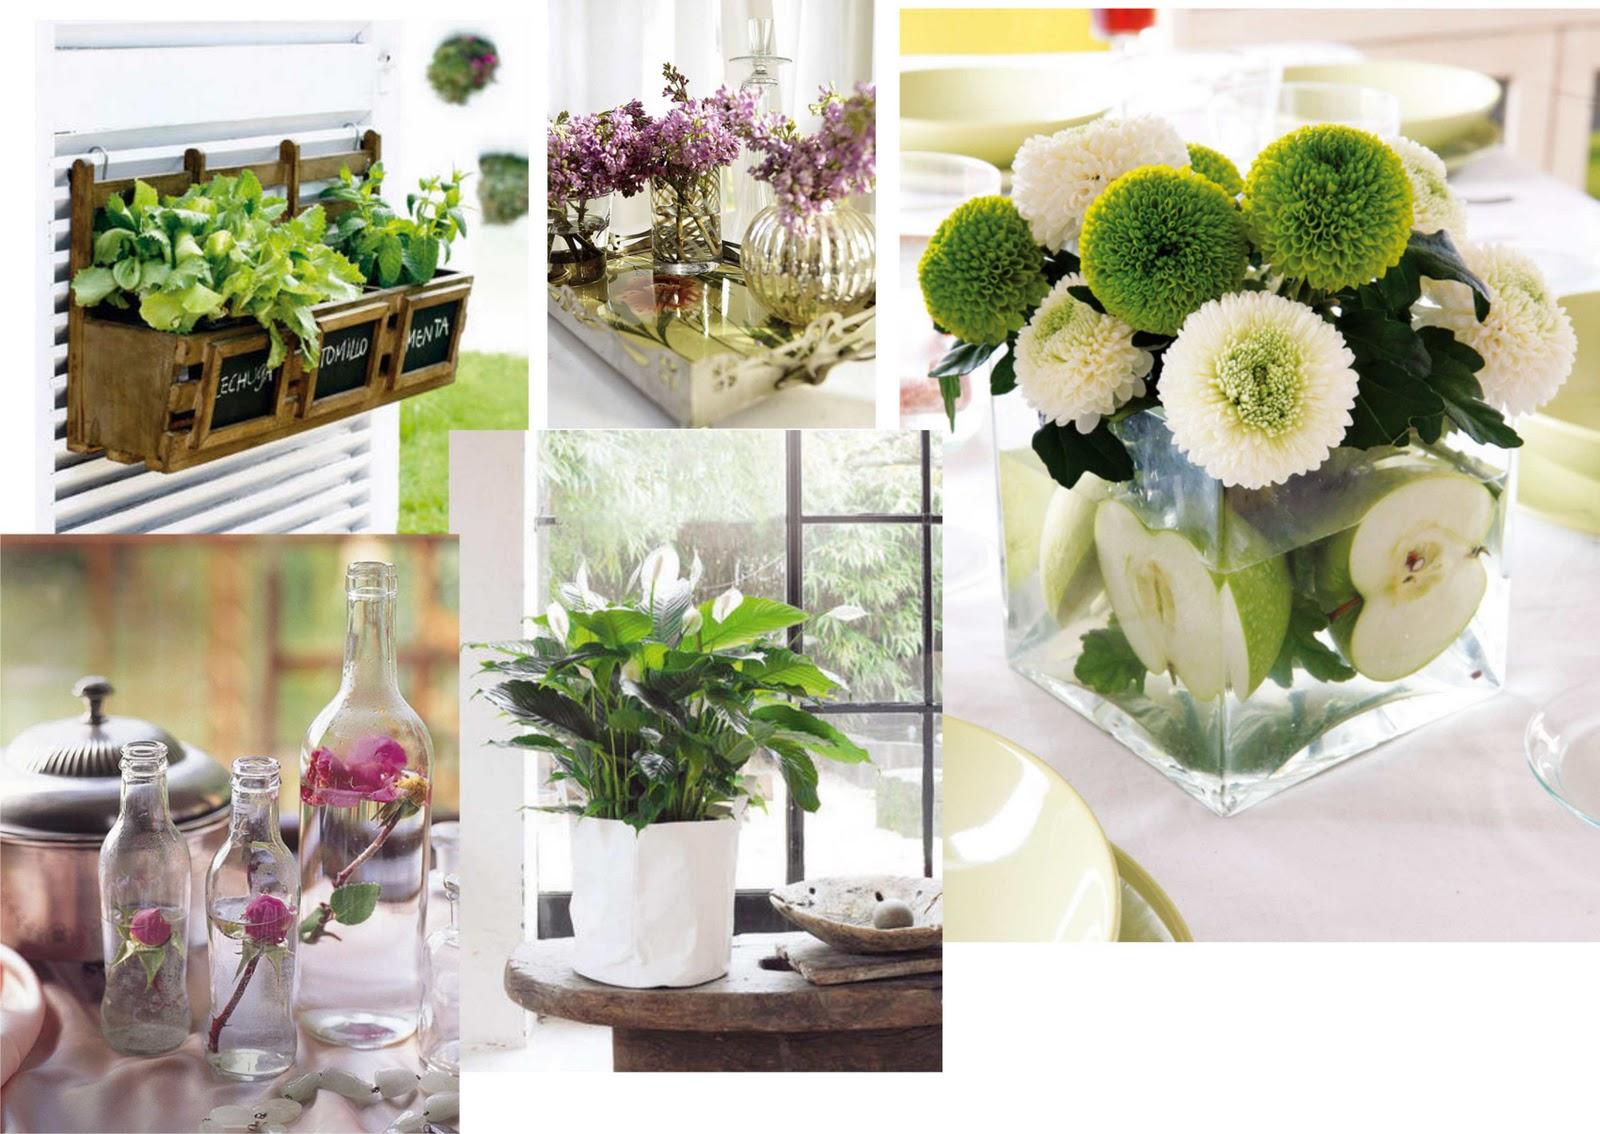 Deco espacios naturales decorar con plantas virlova style for Como hacer adornos con plantas naturales